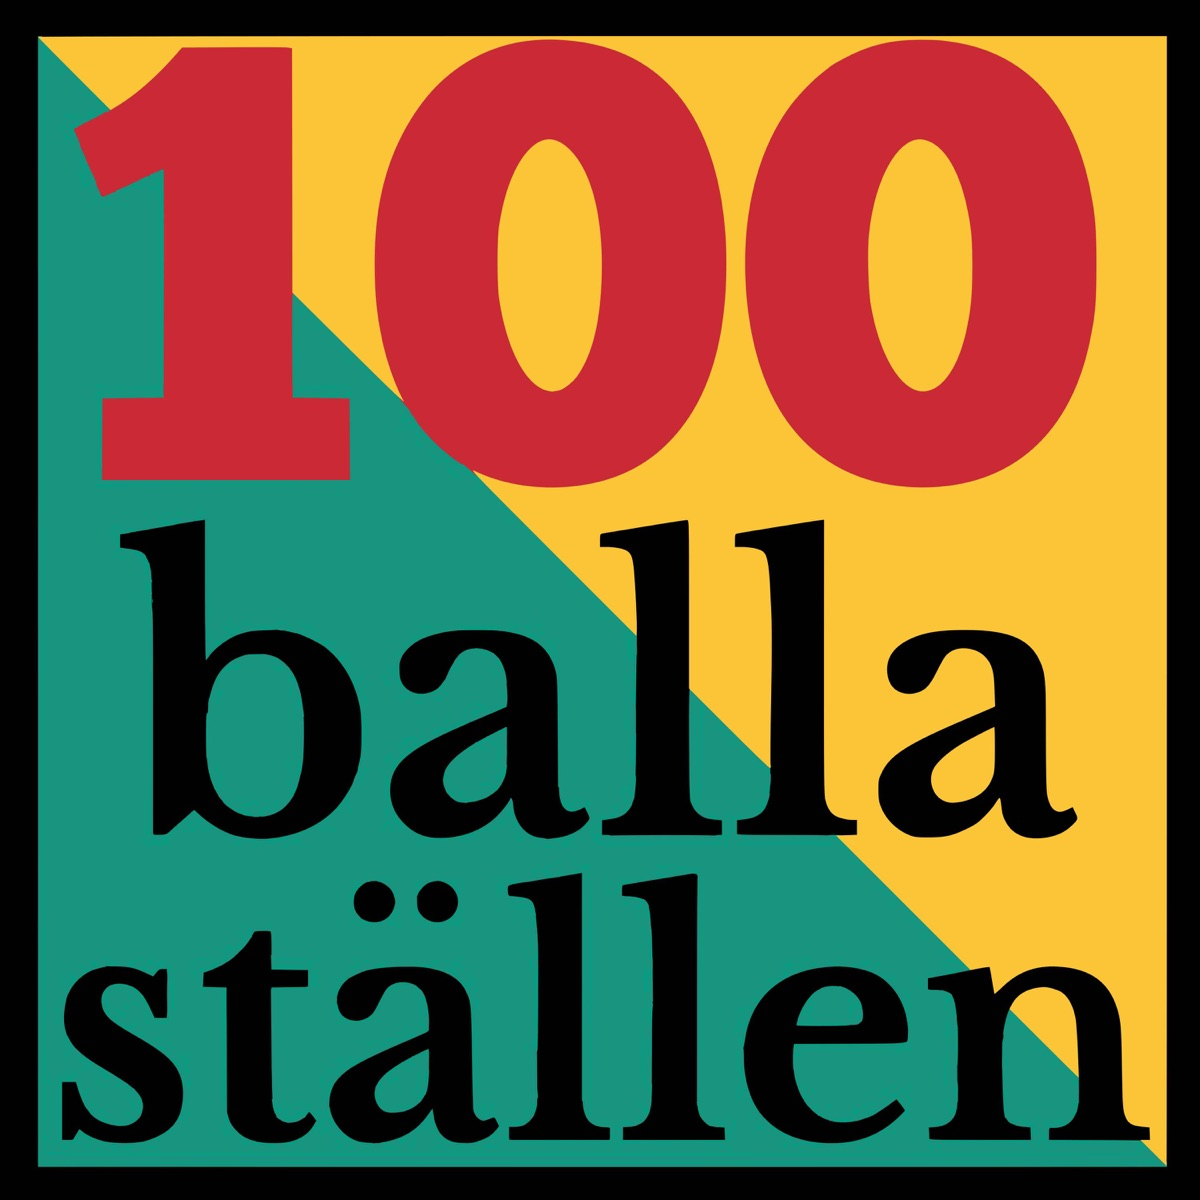 100 balla ställen – Avsnitt 13 med Farah Abadi